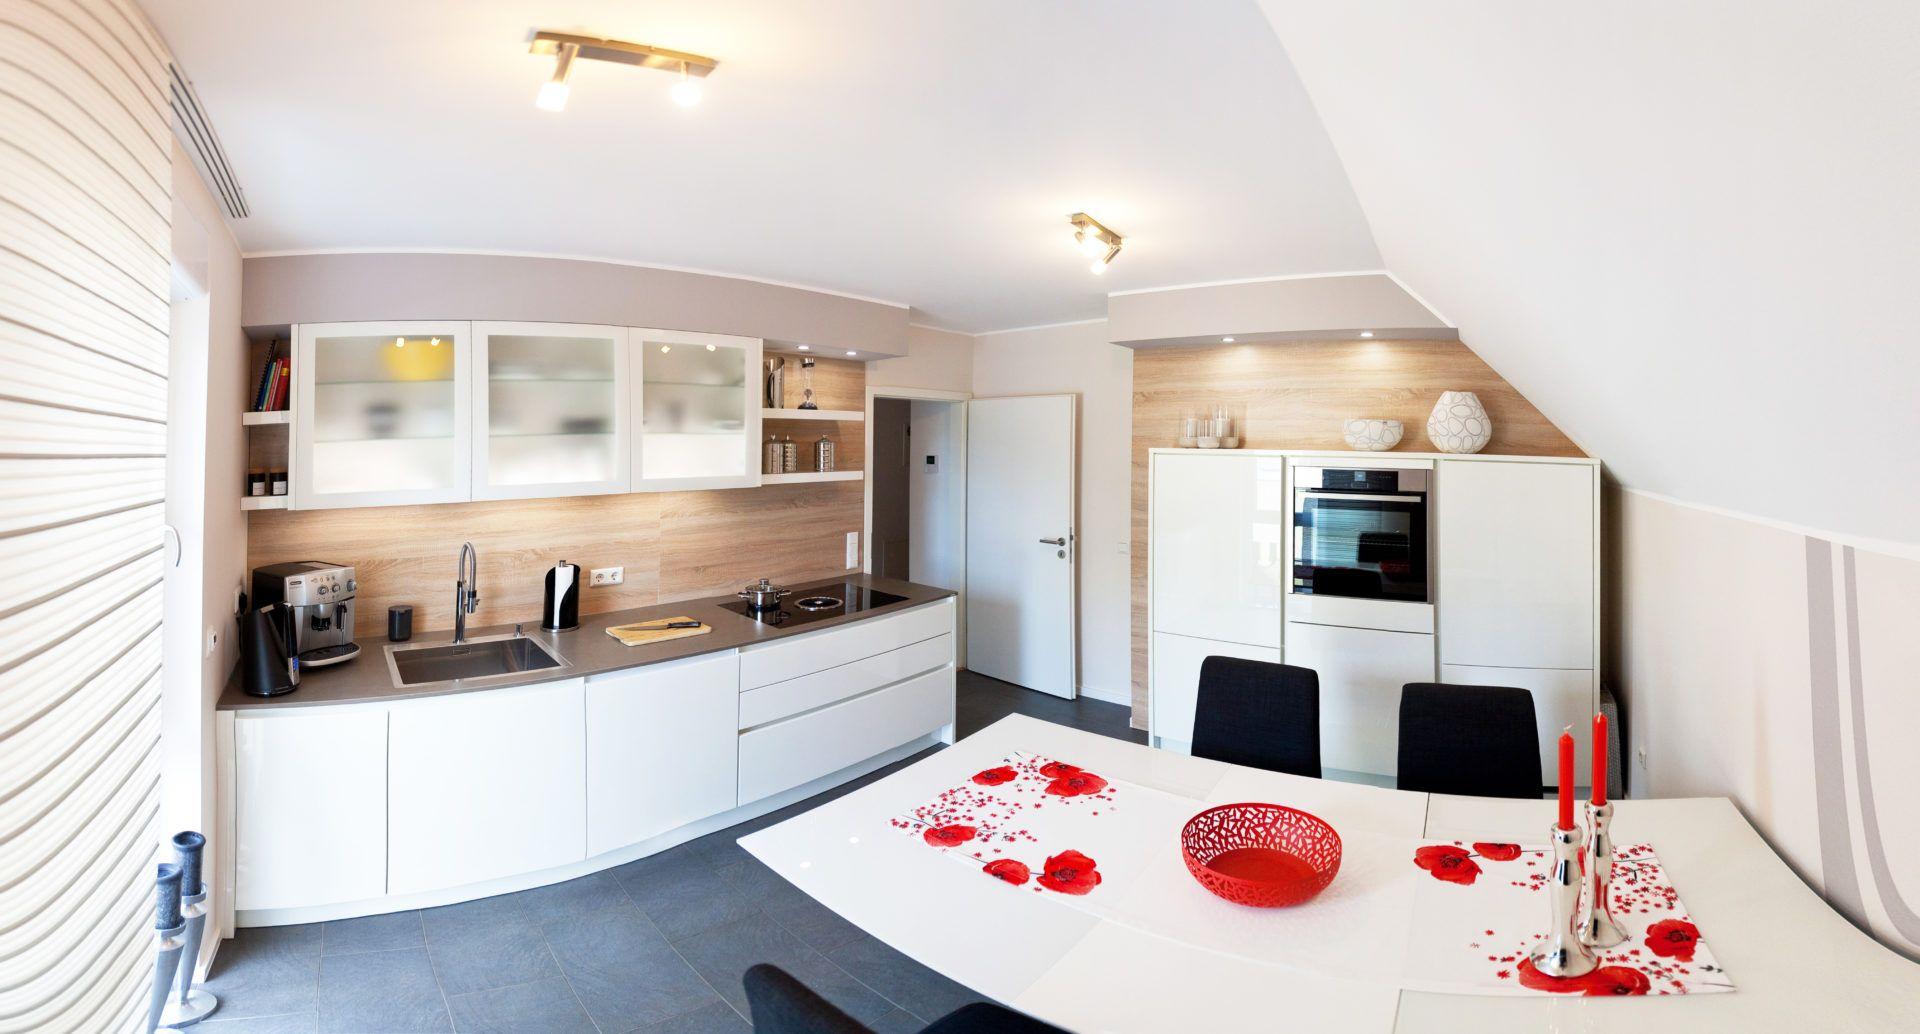 Dunstabzugshaube für offene küche abluftkanal küche